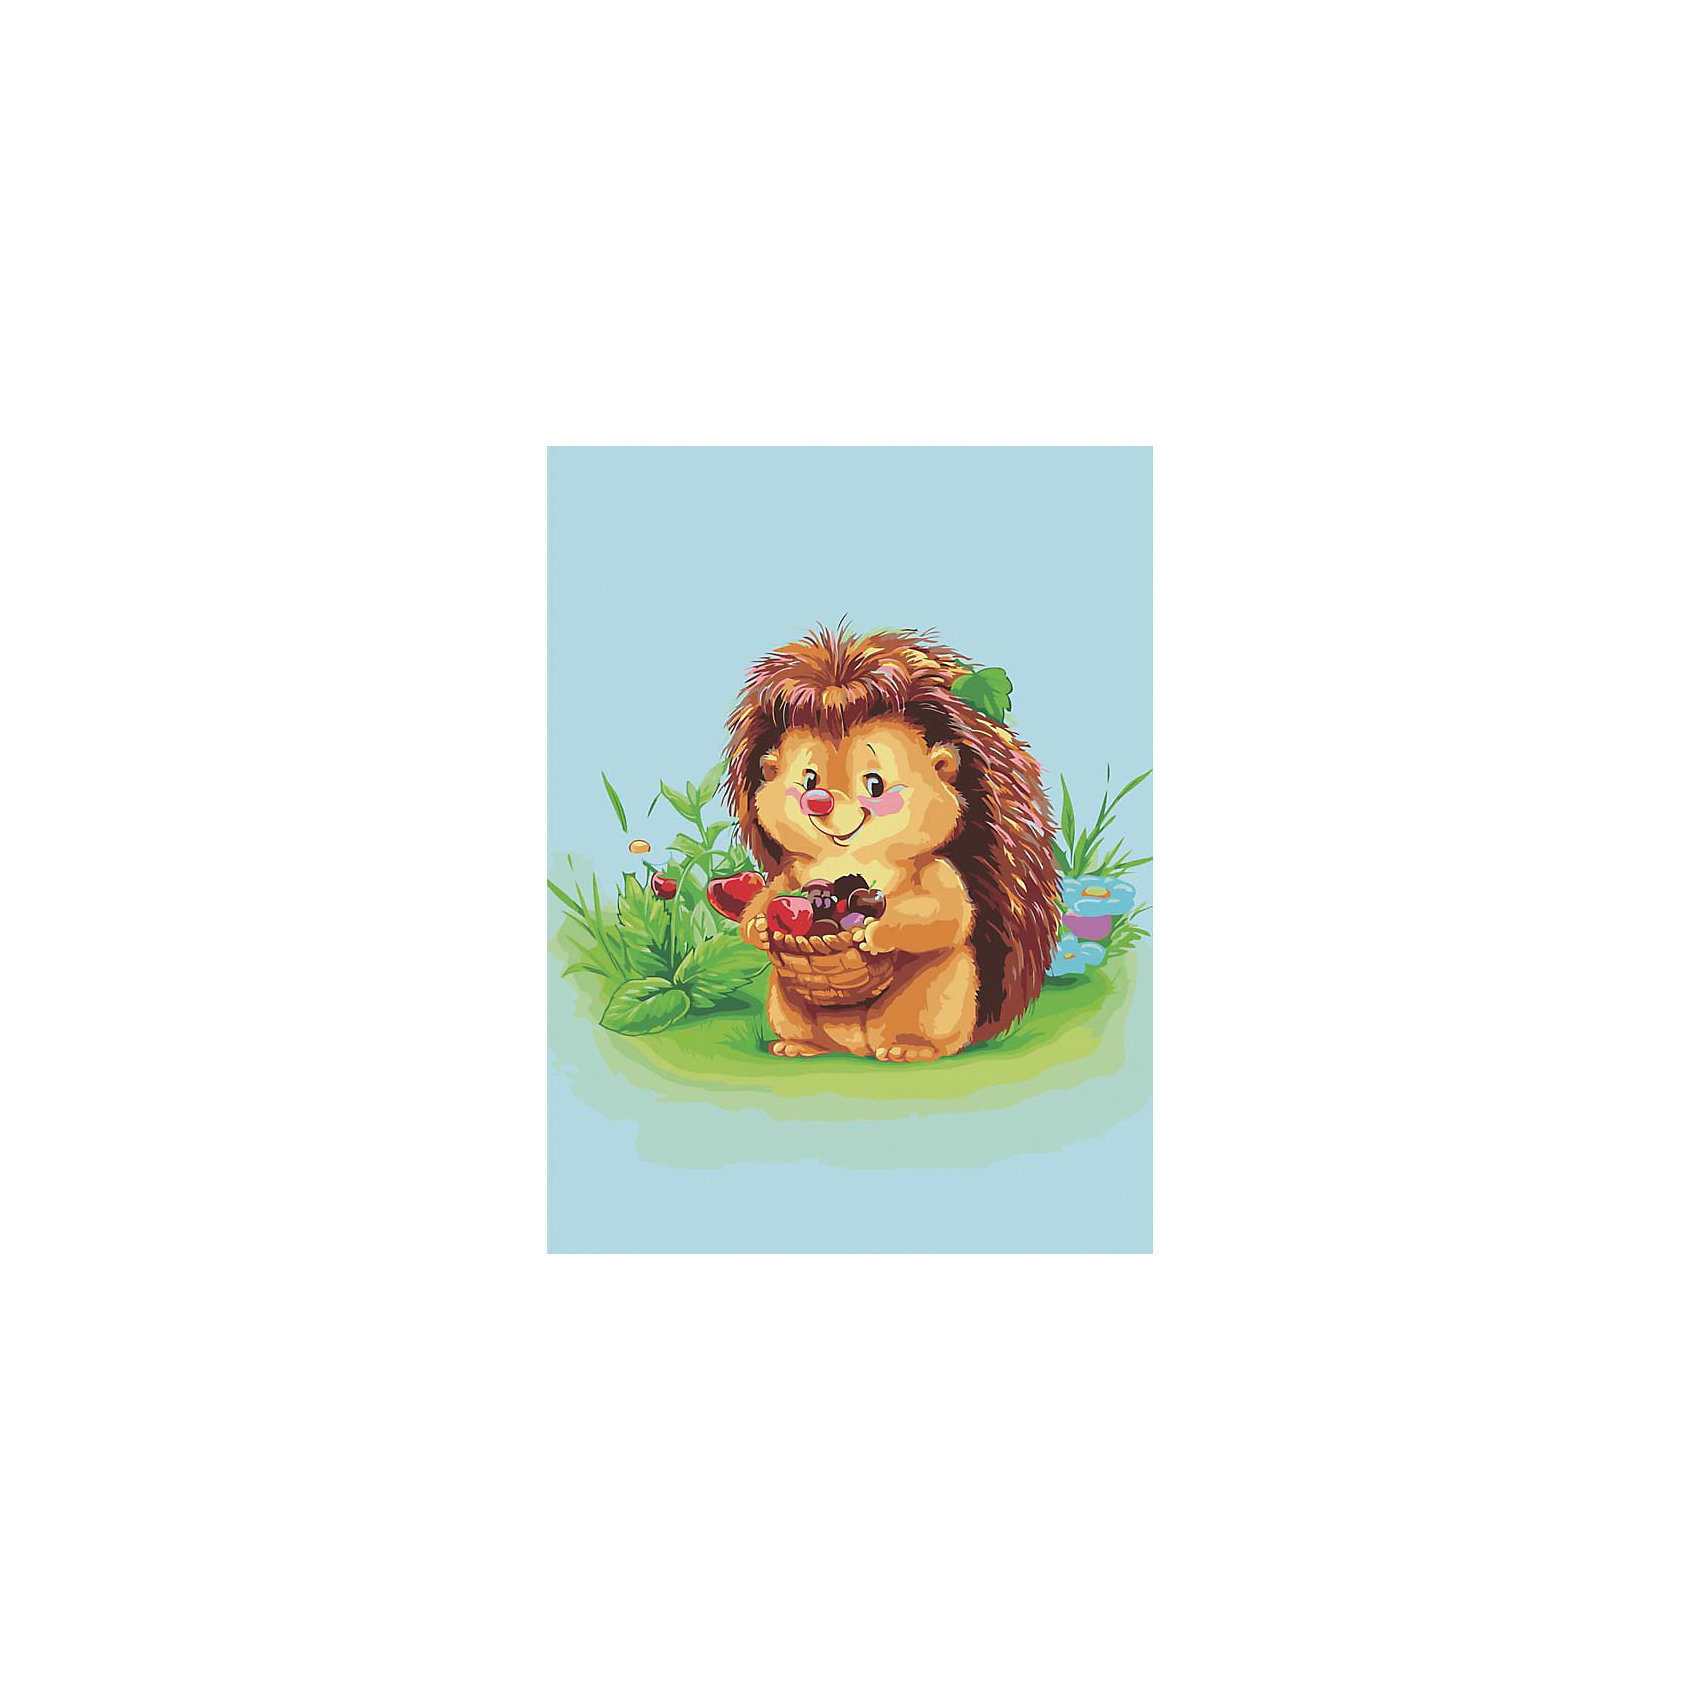 Живопись на холсте 30*40 см Ёжик с лукошкомРисование<br>Характеристики товара:<br><br>• цвет: разноцветный<br>• материал: акрил, картон<br>• размер: 30 x 40 см<br>• комплектация: полотно на подрамнике с контурами рисунка, пробный лист с рисунком, набор акриловых красок, три кисти, крепление на стену для картины<br>• для детей от шести лет и взрослых<br>• не требует специальных навыков<br>• страна бренда: Китай<br>• страна изготовитель: Китай<br><br>Как с удовольствием и пользой провести время? Порисовать! Это занятие, которое любят многие дети и взрослые. Рисование помогает развить важные навыки и просто приносит удовольствие! Чтобы вселить в ребенка уверенность в своих силах, можно предложить ему этот набор - в нем уже есть сюжет, контуры рисунка и участки с номерами, которые обозначают определенную краску из набора. Все оттенки уже готовы, задача художника - аккуратно, с помощью кисточек из набора, нанести краски на определенный участок полотна.<br>Взрослым также понравится этот процесс, рисовать можно и вместе с малышом! В итоге получается красивая картина, которой можно украсить интерьер. Рисование способствует развитию мелкой моторики, воображения, цветовосприятия, творческих способностей и усидчивости. Набор отлично проработан, сделан из качественных и проверенных материалов, которые безопасны для детей. Краски - акриловые, они быстро сохнут и легко смываются с кожи.<br><br>Живопись на холсте 30*40 см Ёжик с лукошком от торговой марки Белоснежка можно купить в нашем интернет-магазине.<br><br>Ширина мм: 410<br>Глубина мм: 310<br>Высота мм: 25<br>Вес г: 567<br>Возраст от месяцев: 72<br>Возраст до месяцев: 144<br>Пол: Унисекс<br>Возраст: Детский<br>SKU: 5089693